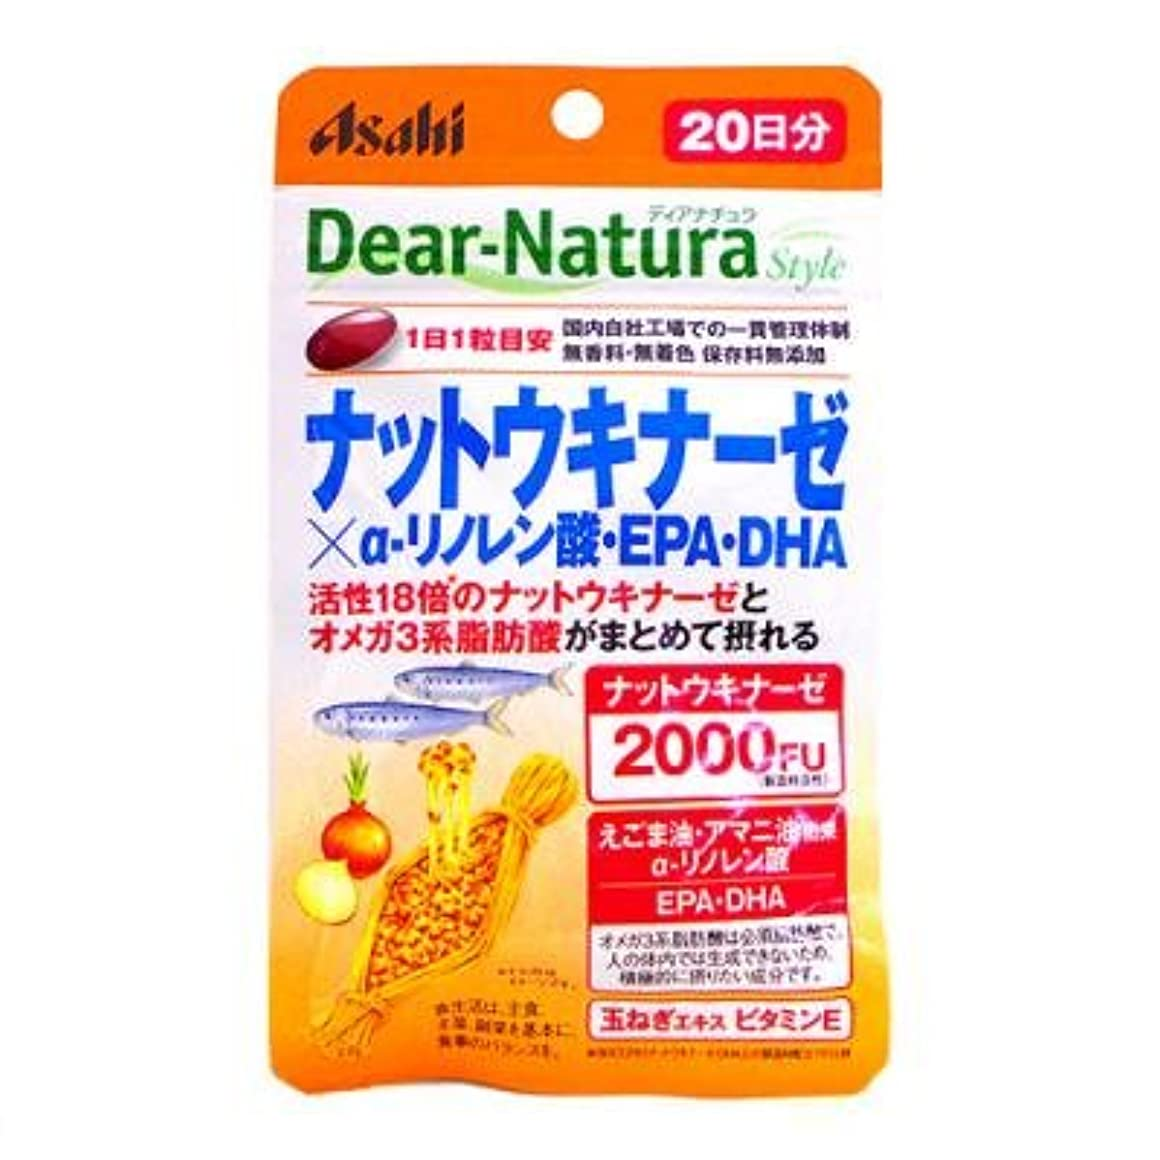 (アサヒフード&ヘルスケア)ディアナチュラスタイル ナットウキナーゼ*α‐リノレン酸?EPA?DHA 20日分(お買い得2個セット)